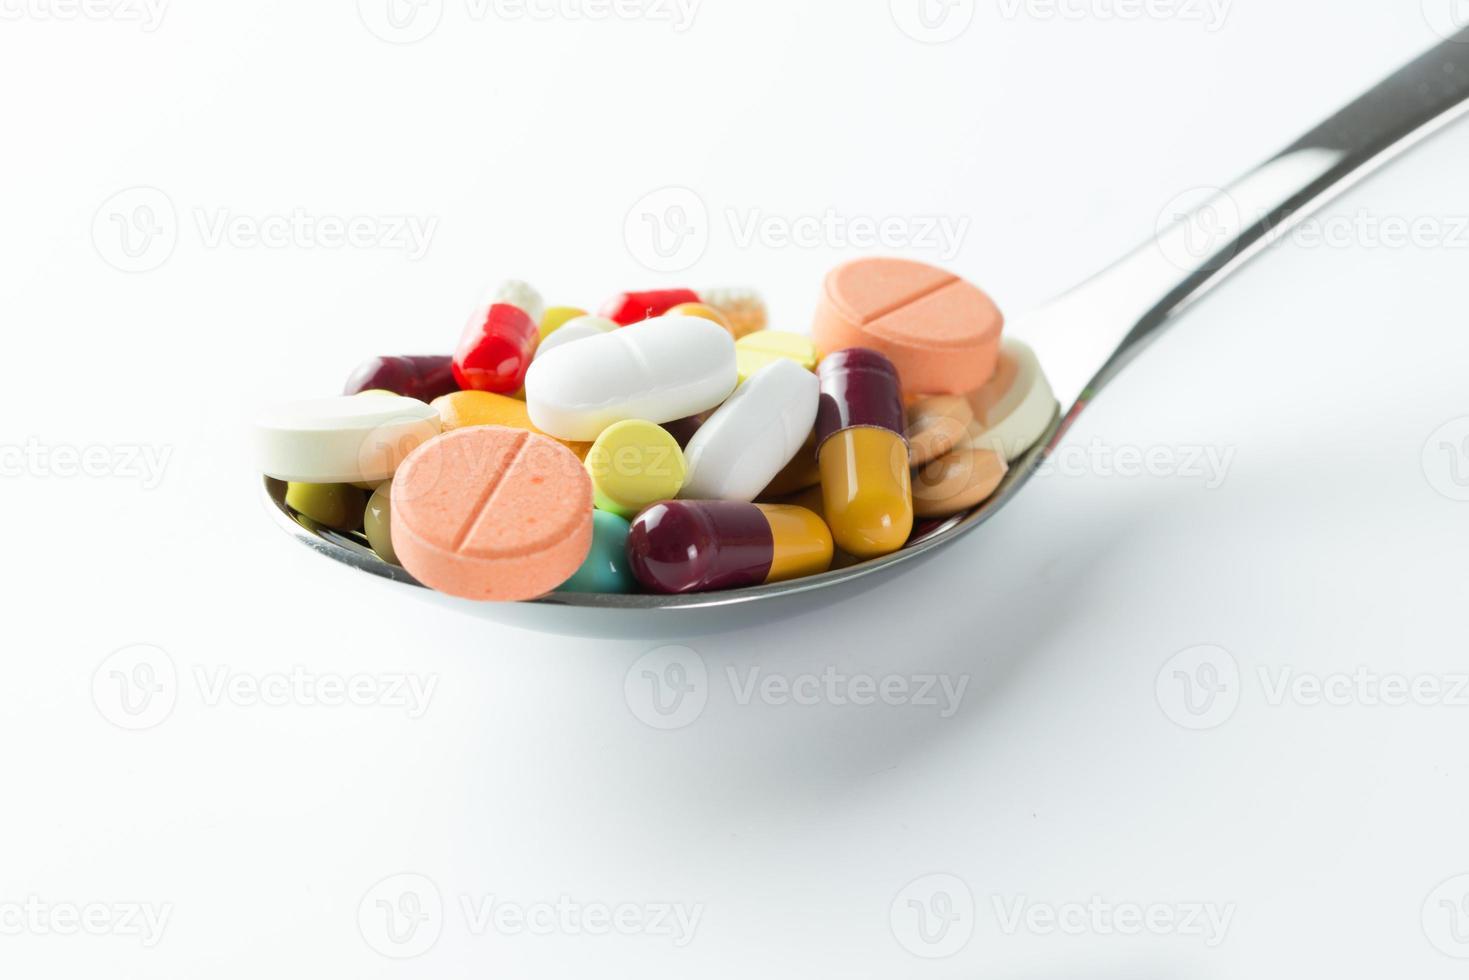 lepel vol medicijnen pillen foto